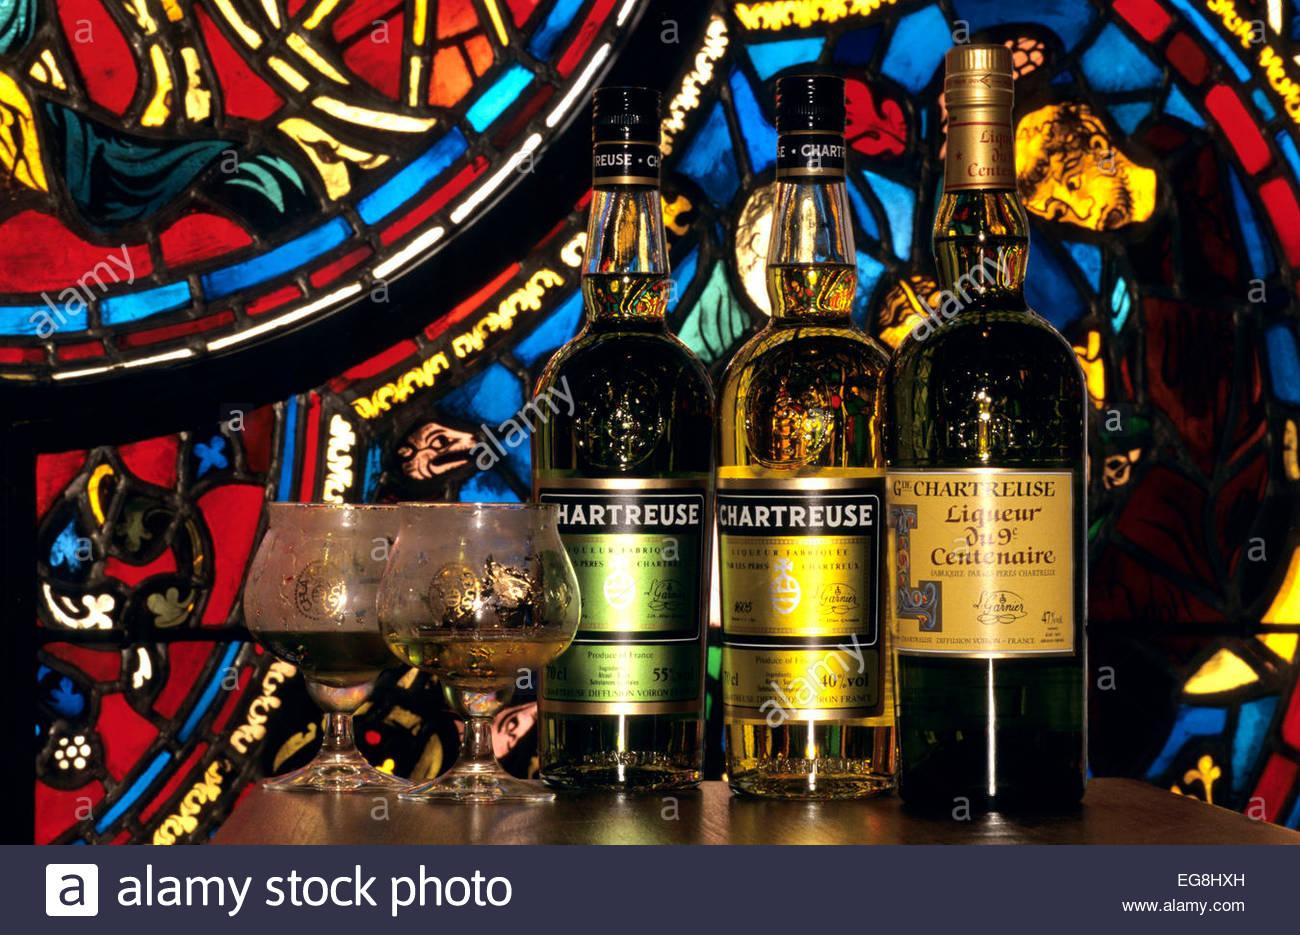 Liqueur de la Chartreuse, Voiron, Isere, France - Stock Image